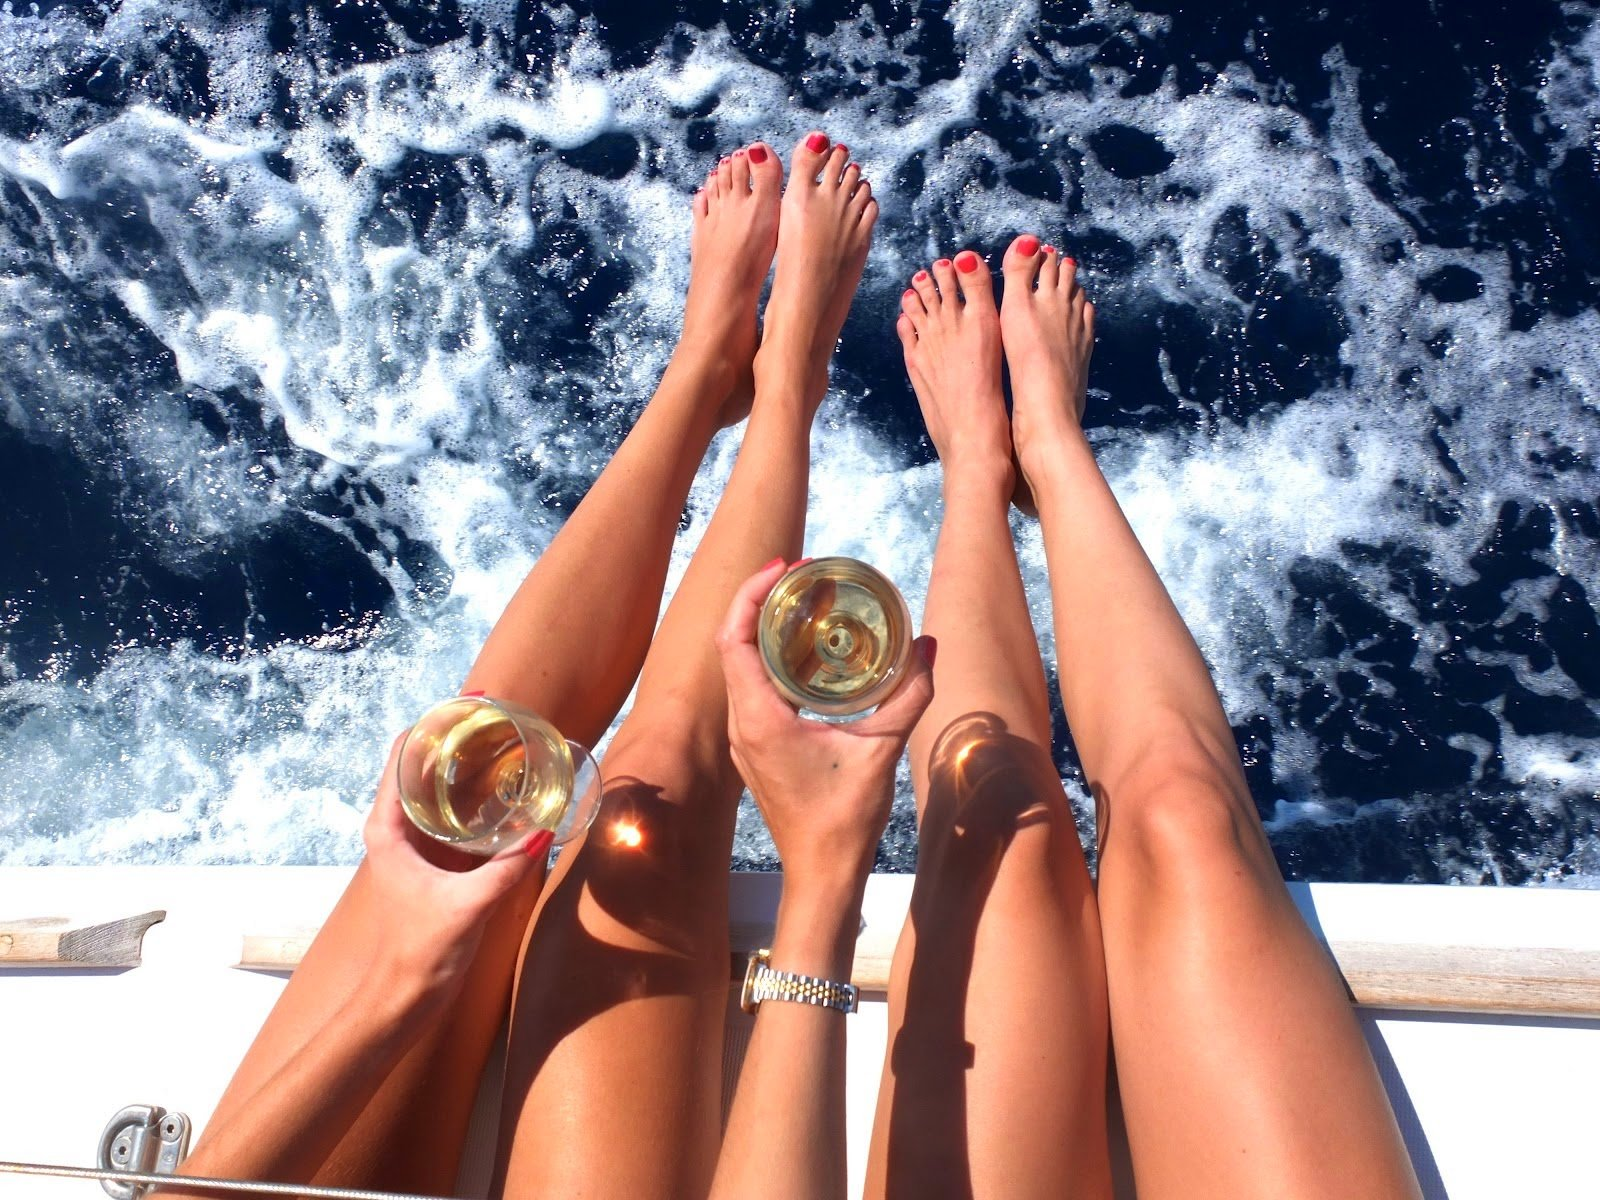 chicas sentadas con una copa de whisky